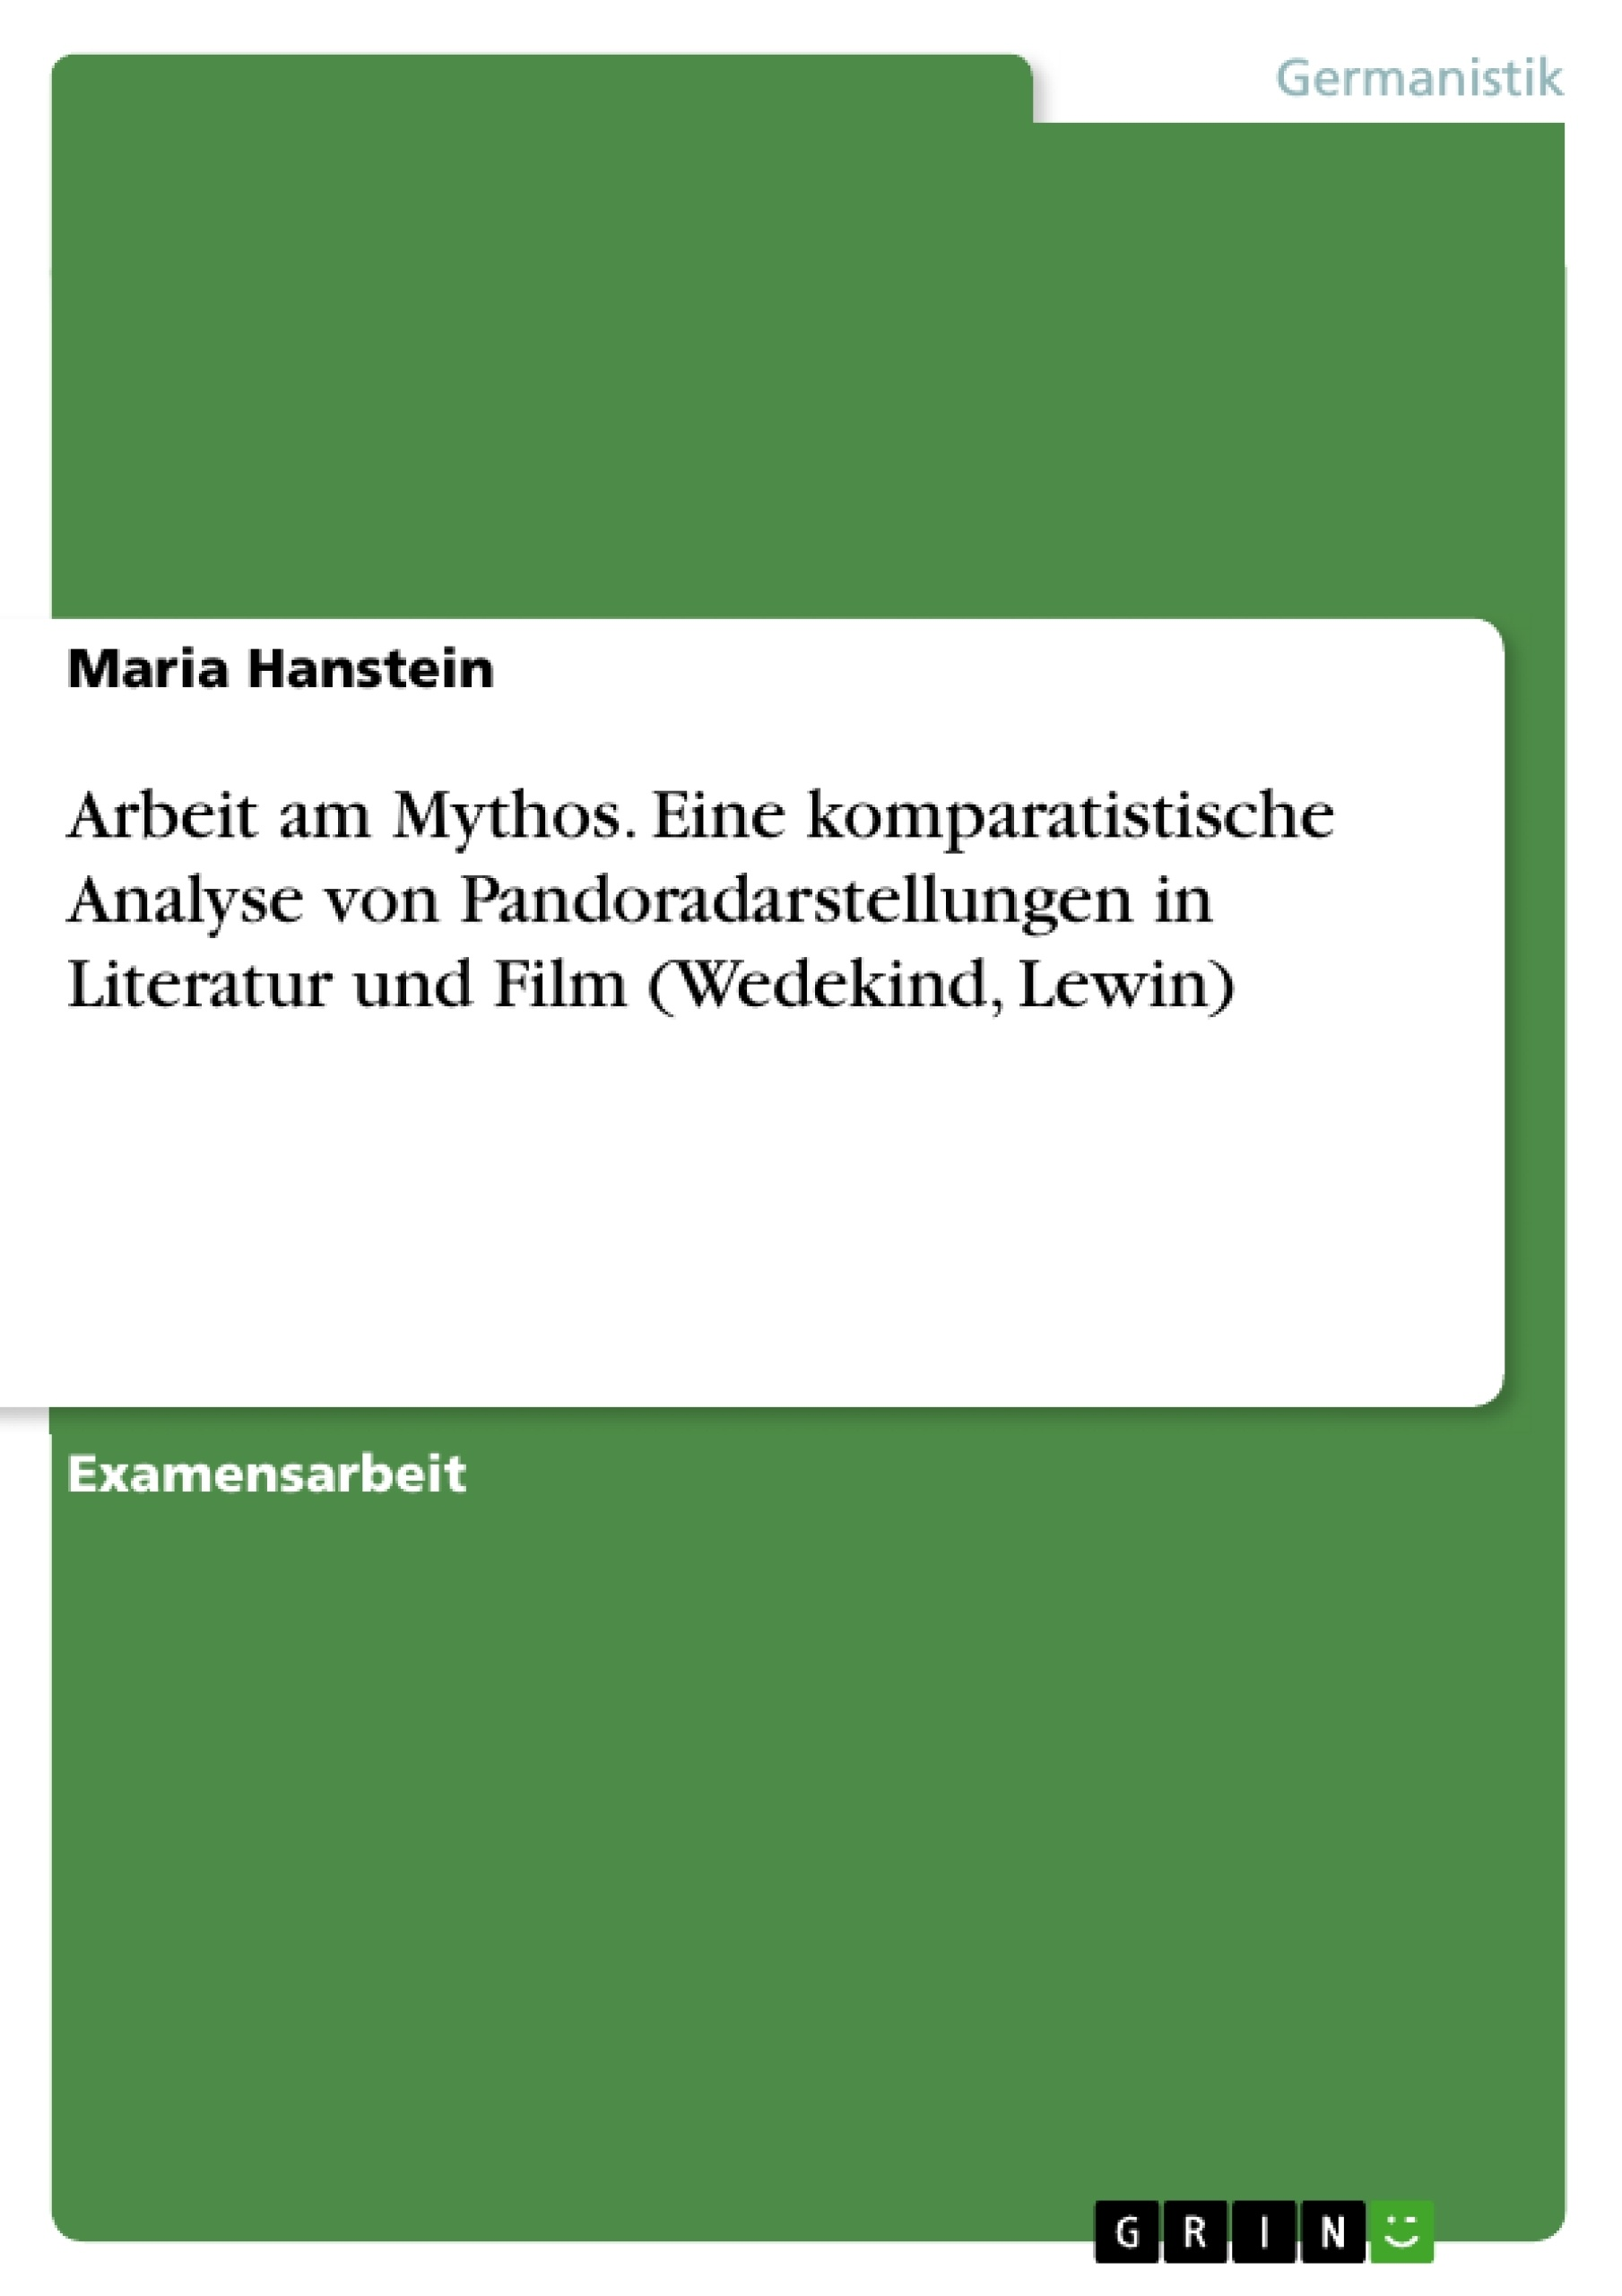 Titel: Arbeit am Mythos. Eine komparatistische Analyse von Pandoradarstellungen in Literatur und Film (Wedekind, Lewin)